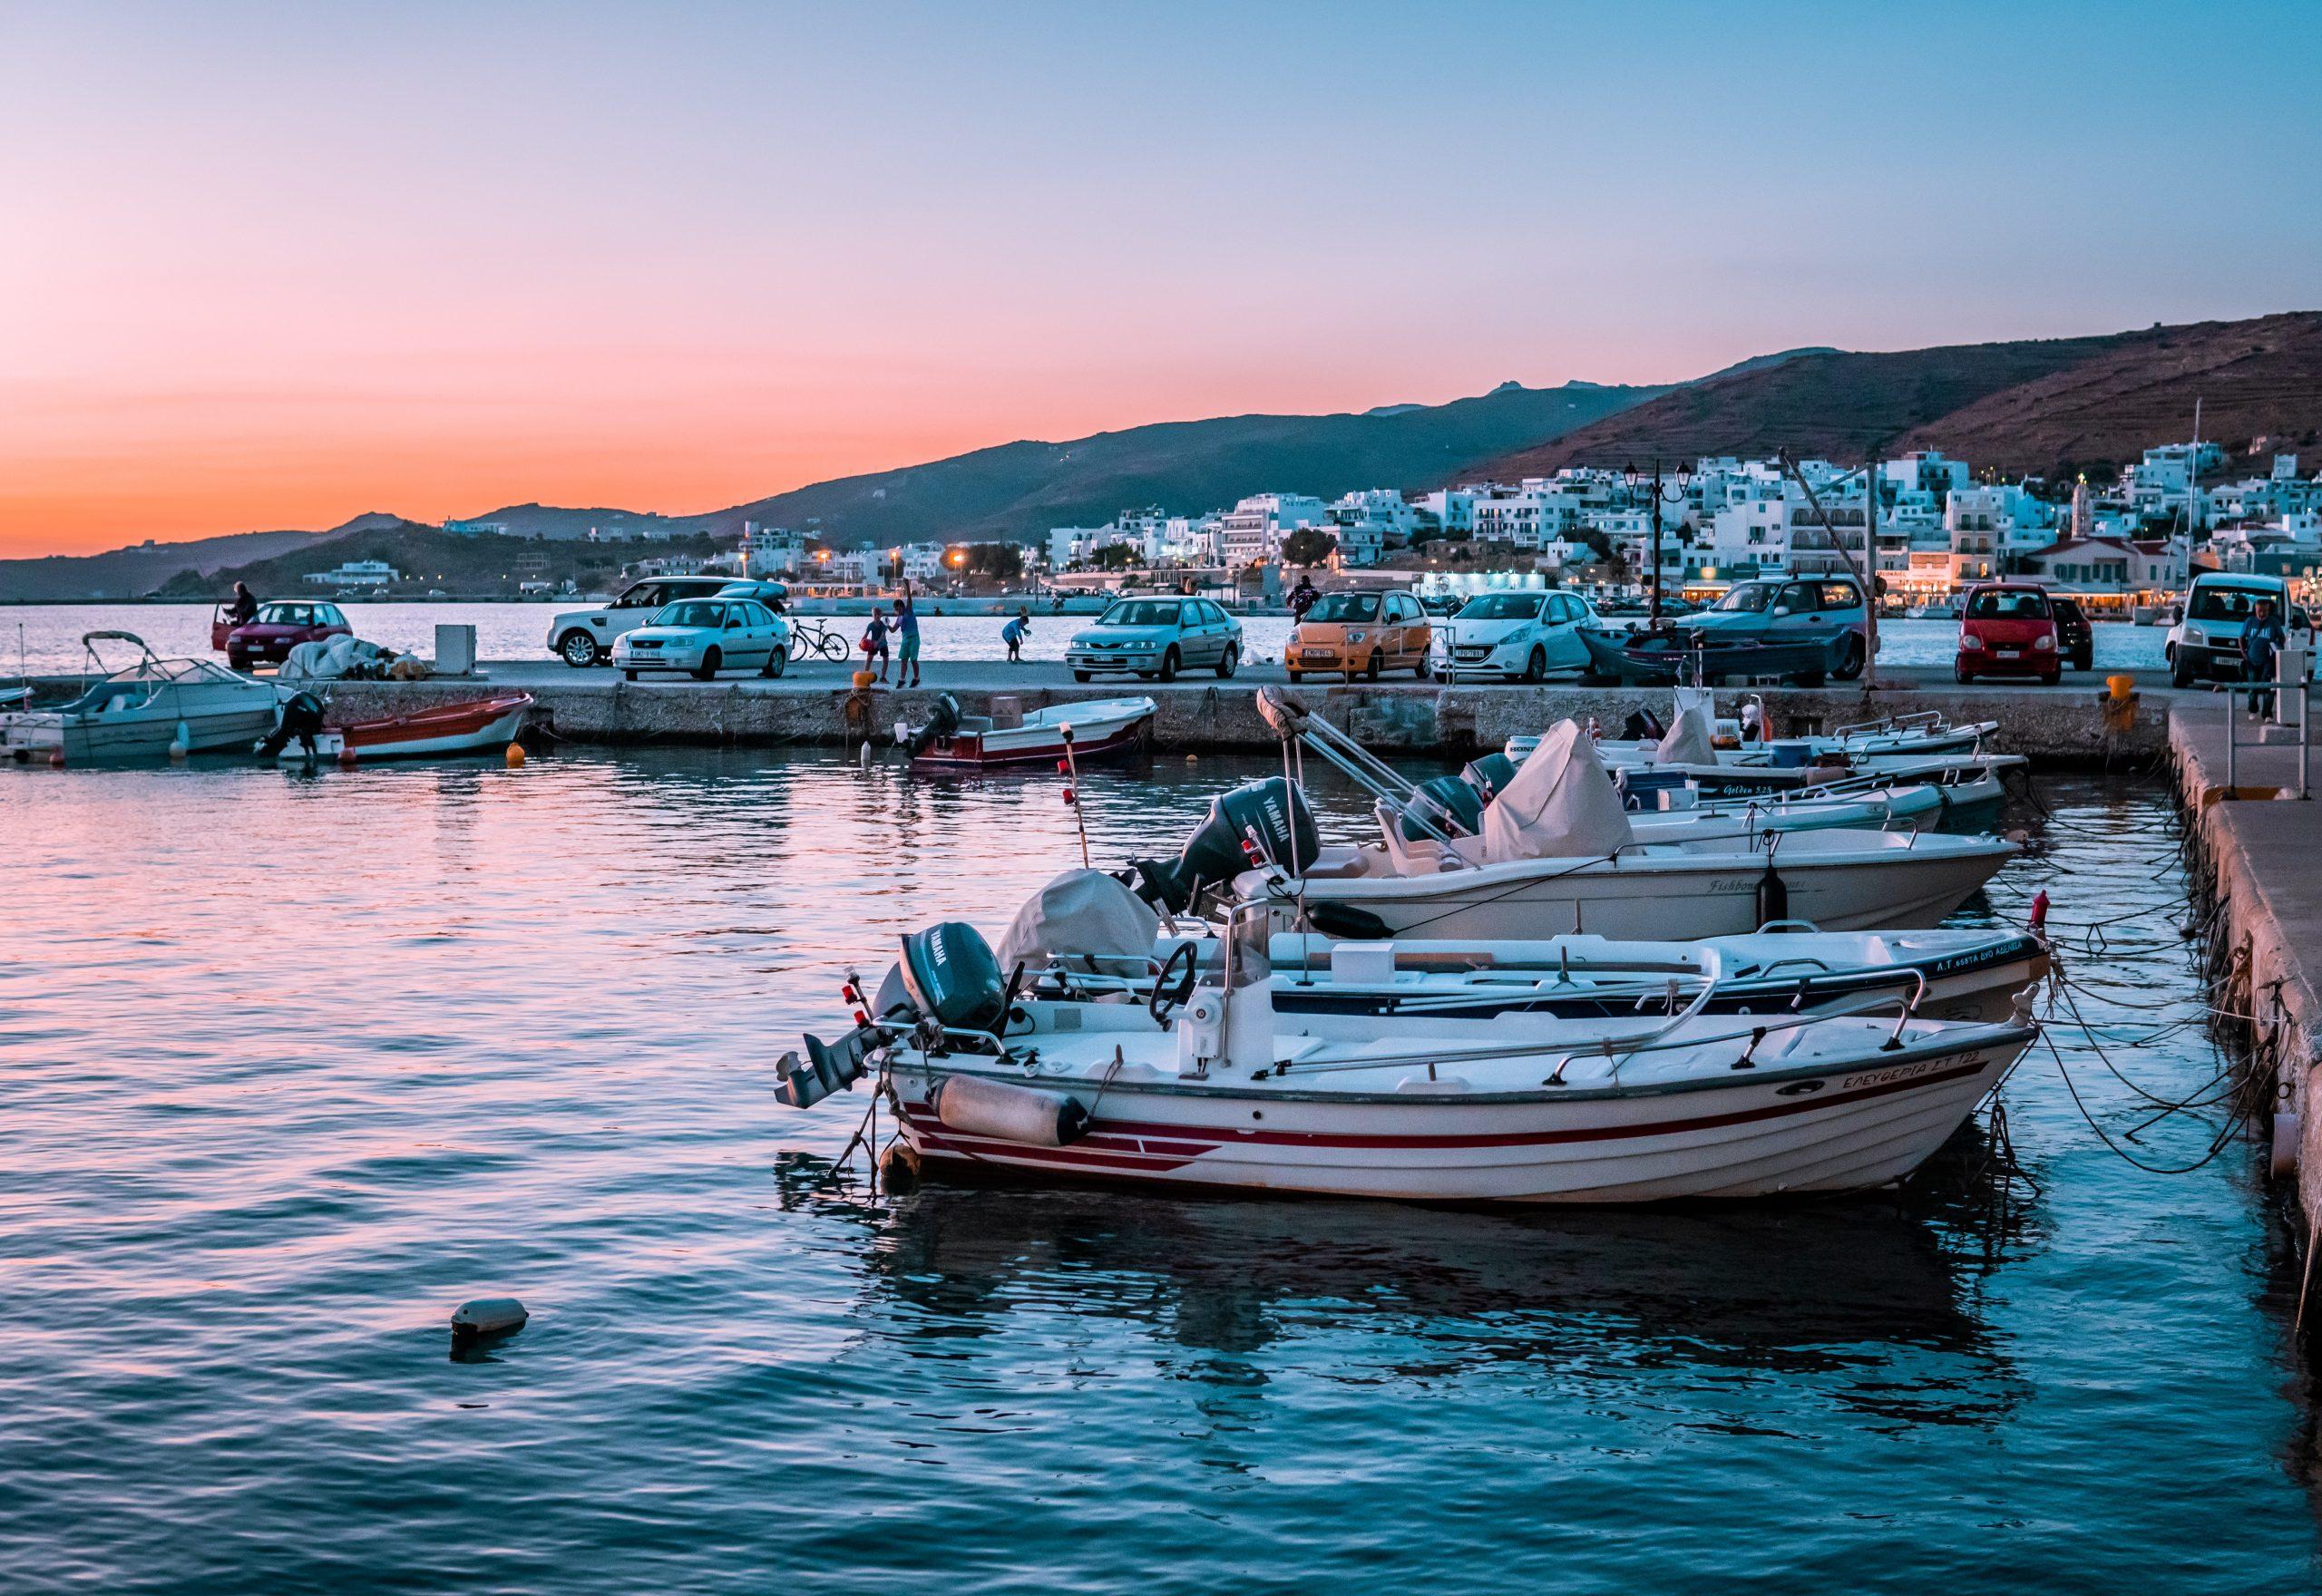 5 χωριά και 5 παραλίες που πρέπει οπωσδήποτε να επισκεφθείτε στην πανέμορφη Τήνο